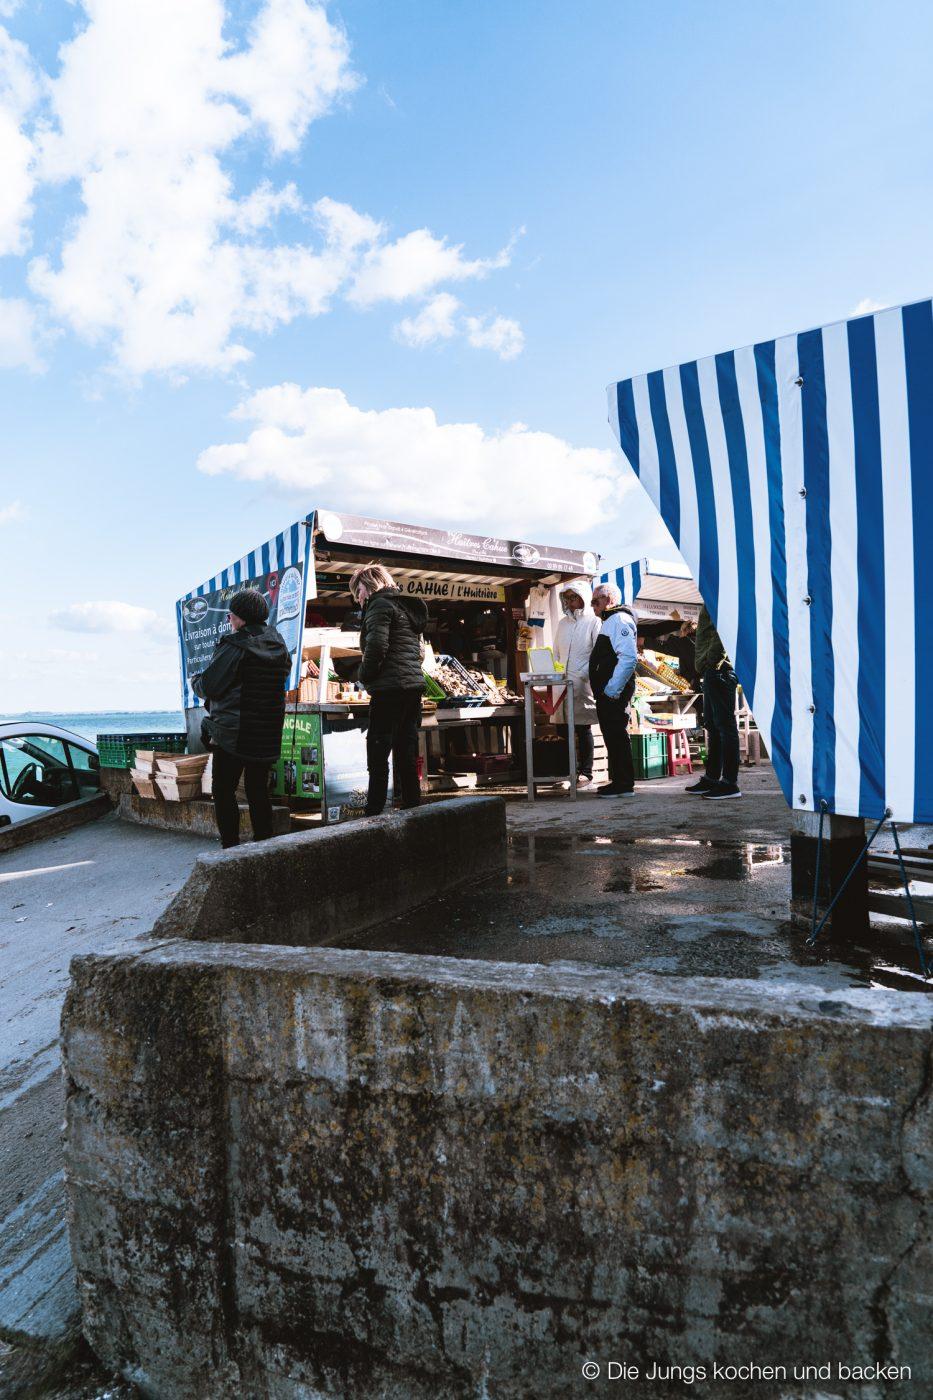 Wohnmobil Etrusco Bretagne 44 | Heute haben wir einen besonderen Reisebericht für euch, denn wir hatten eine absolute Premiere - Reisen mit einem Wohnmobil! 5 Tage lang waren wir unterwegs und unser Ziel war die wunderschöne Smaragdküste in der Bretagne. Hier haben wir es uns kulinarisch richtig gut gehen lassen, tolle Eindrücke gesammelt und vor allem unser schickes Gefährt  von Etrusco ausgiebig testen können. So viel sei verraten ... wir sind extrem angetan von einem Urlaub mit dem Wohnmobil und planen schon die nächste Wohnmobil-Tour.